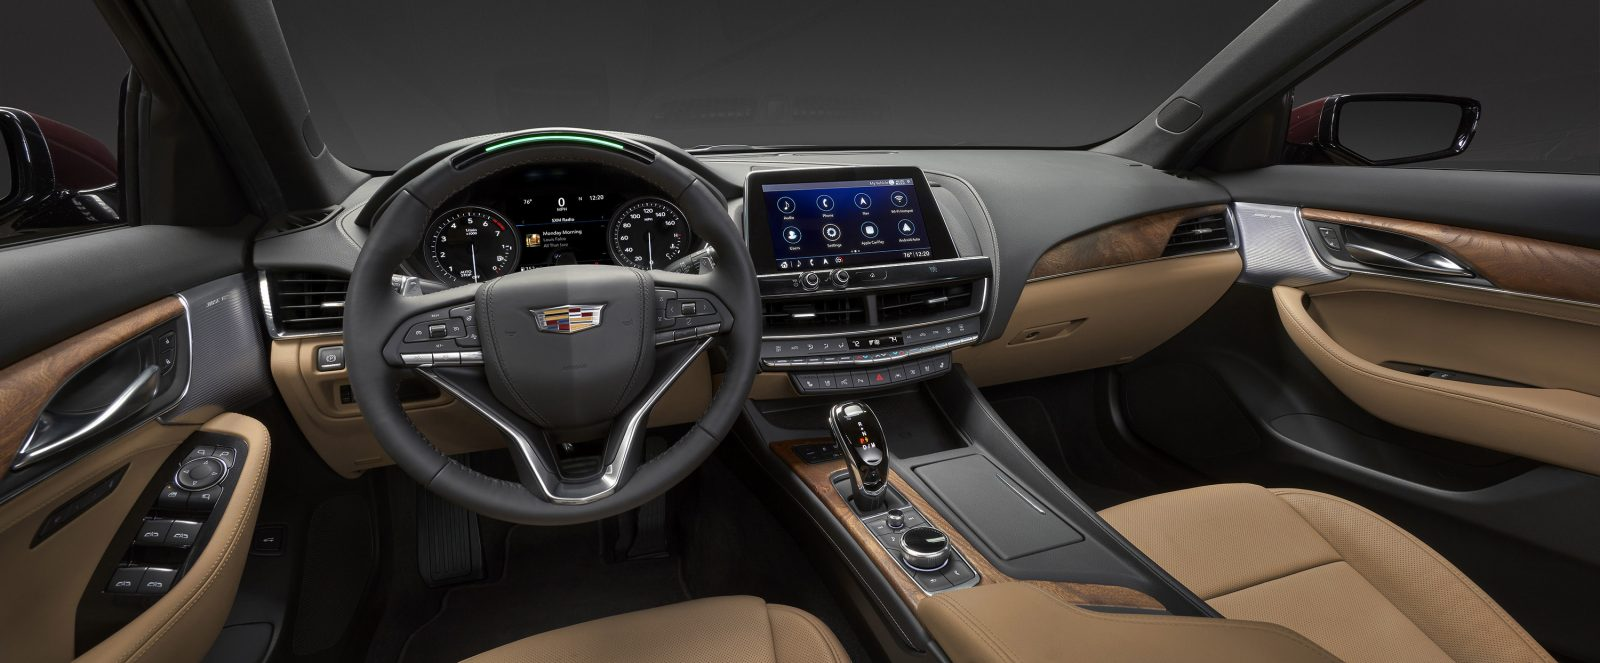 Conduite semi-autonome améliorée chez Cadillac